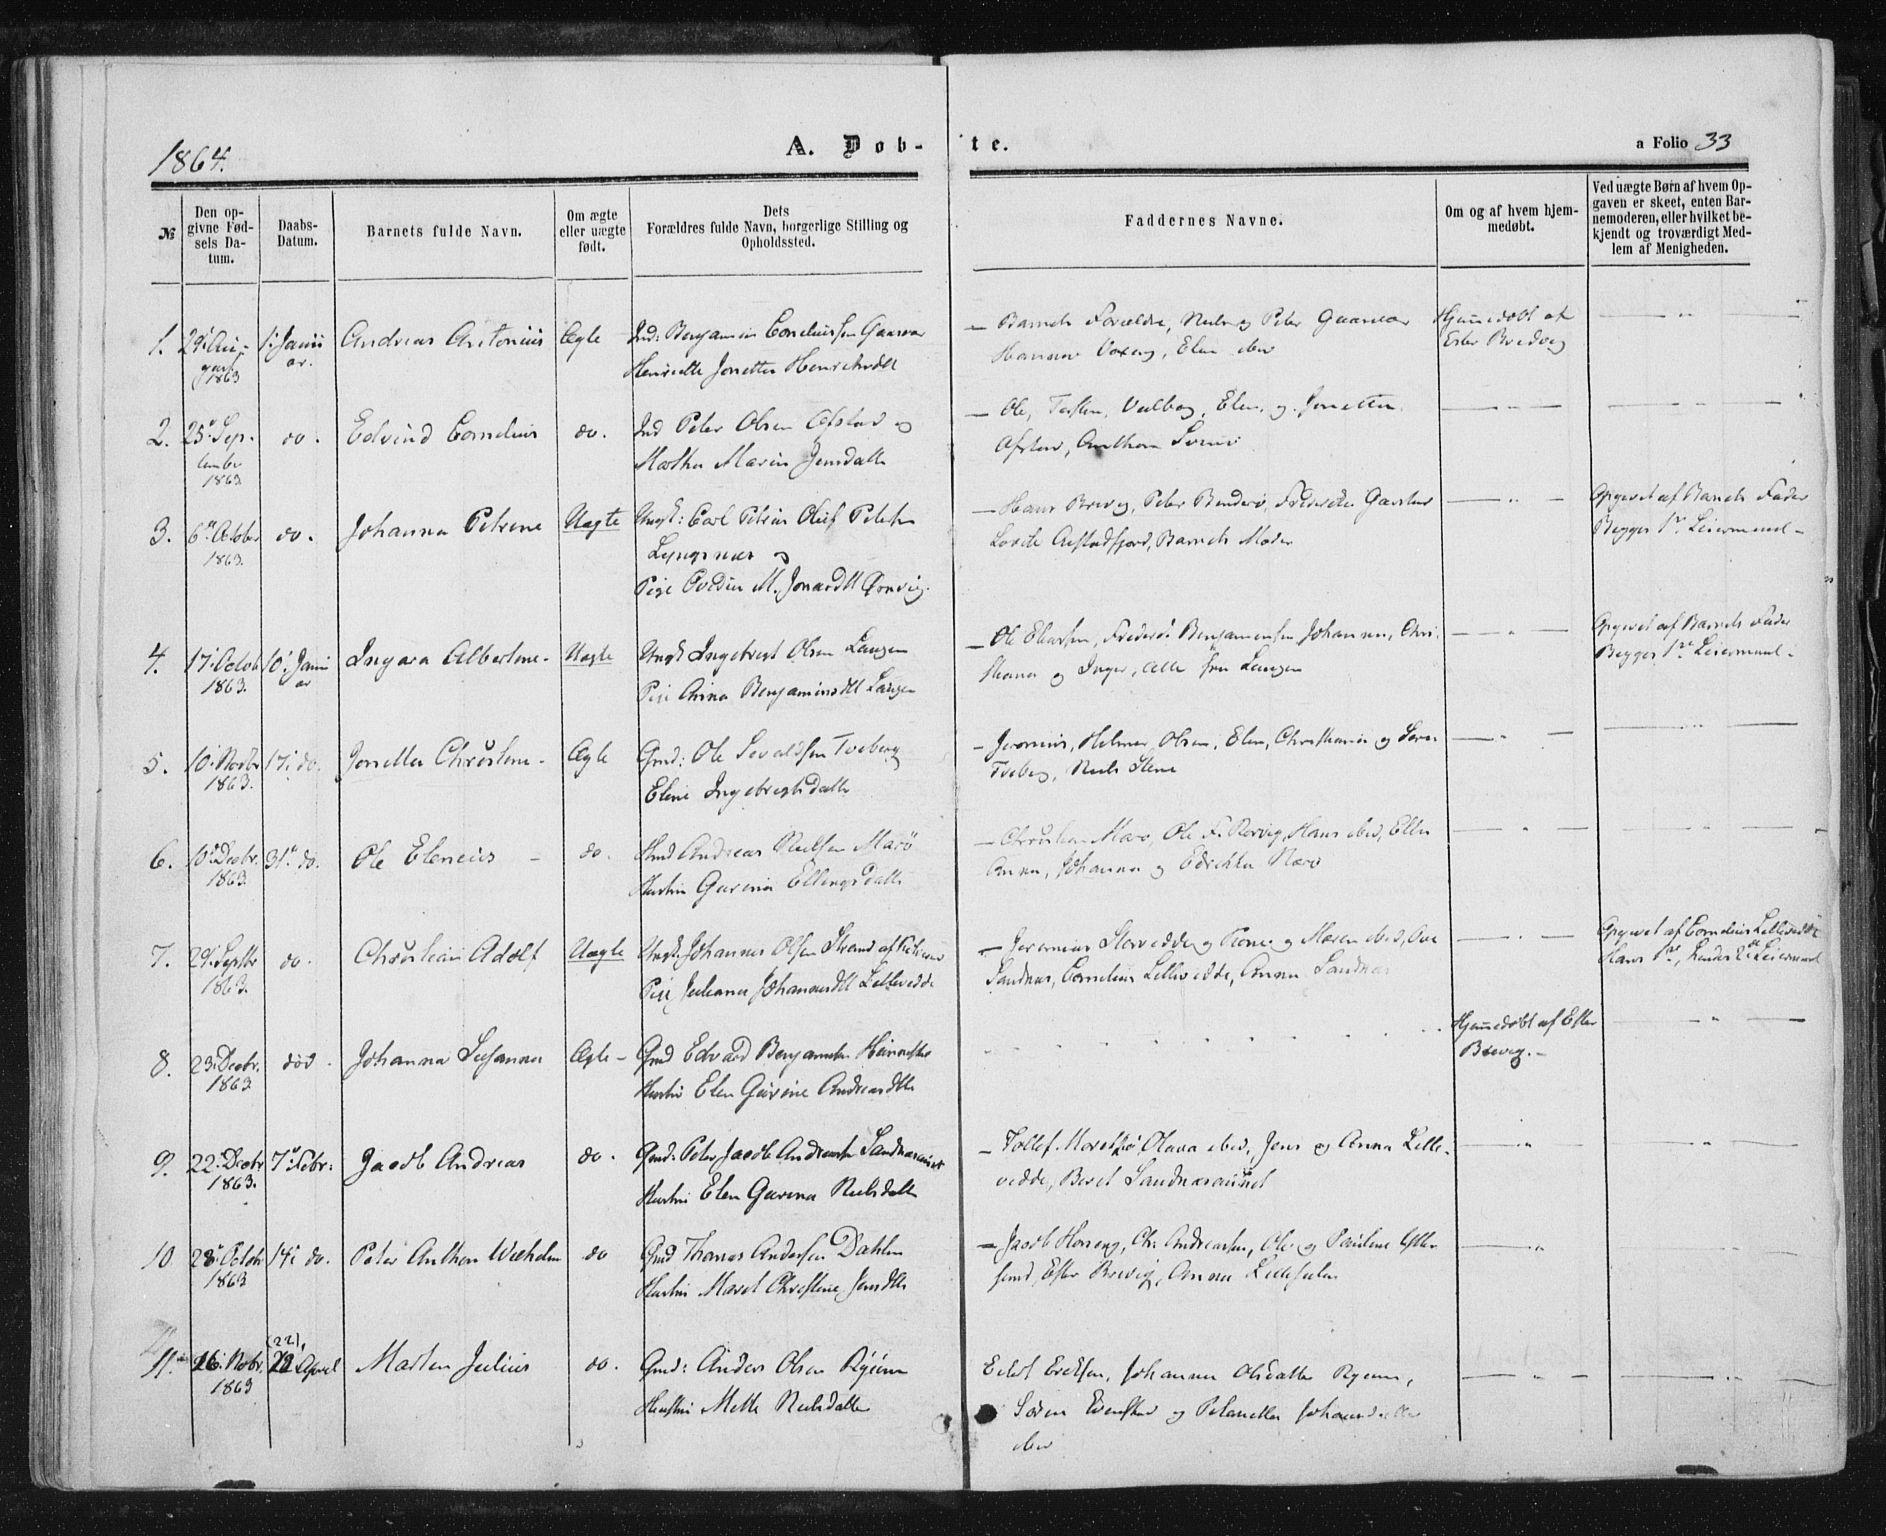 SAT, Ministerialprotokoller, klokkerbøker og fødselsregistre - Nord-Trøndelag, 784/L0670: Ministerialbok nr. 784A05, 1860-1876, s. 33